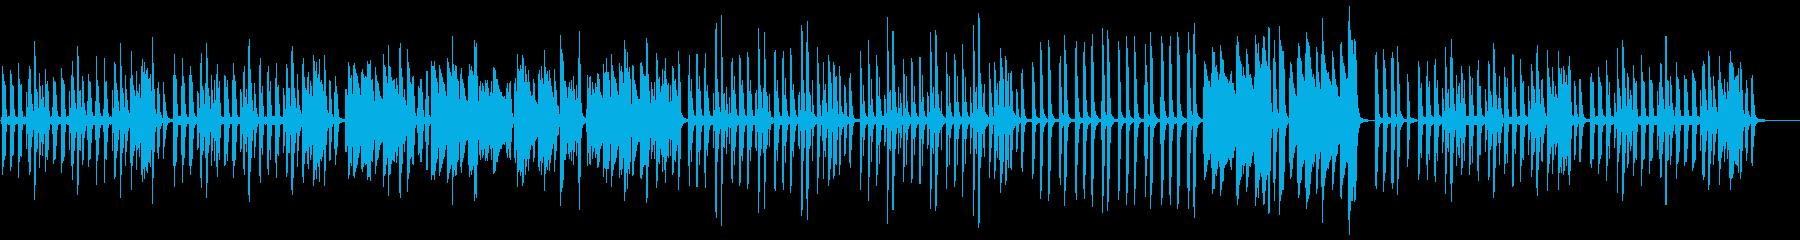 リズミカルでキラキラしたピアノの再生済みの波形